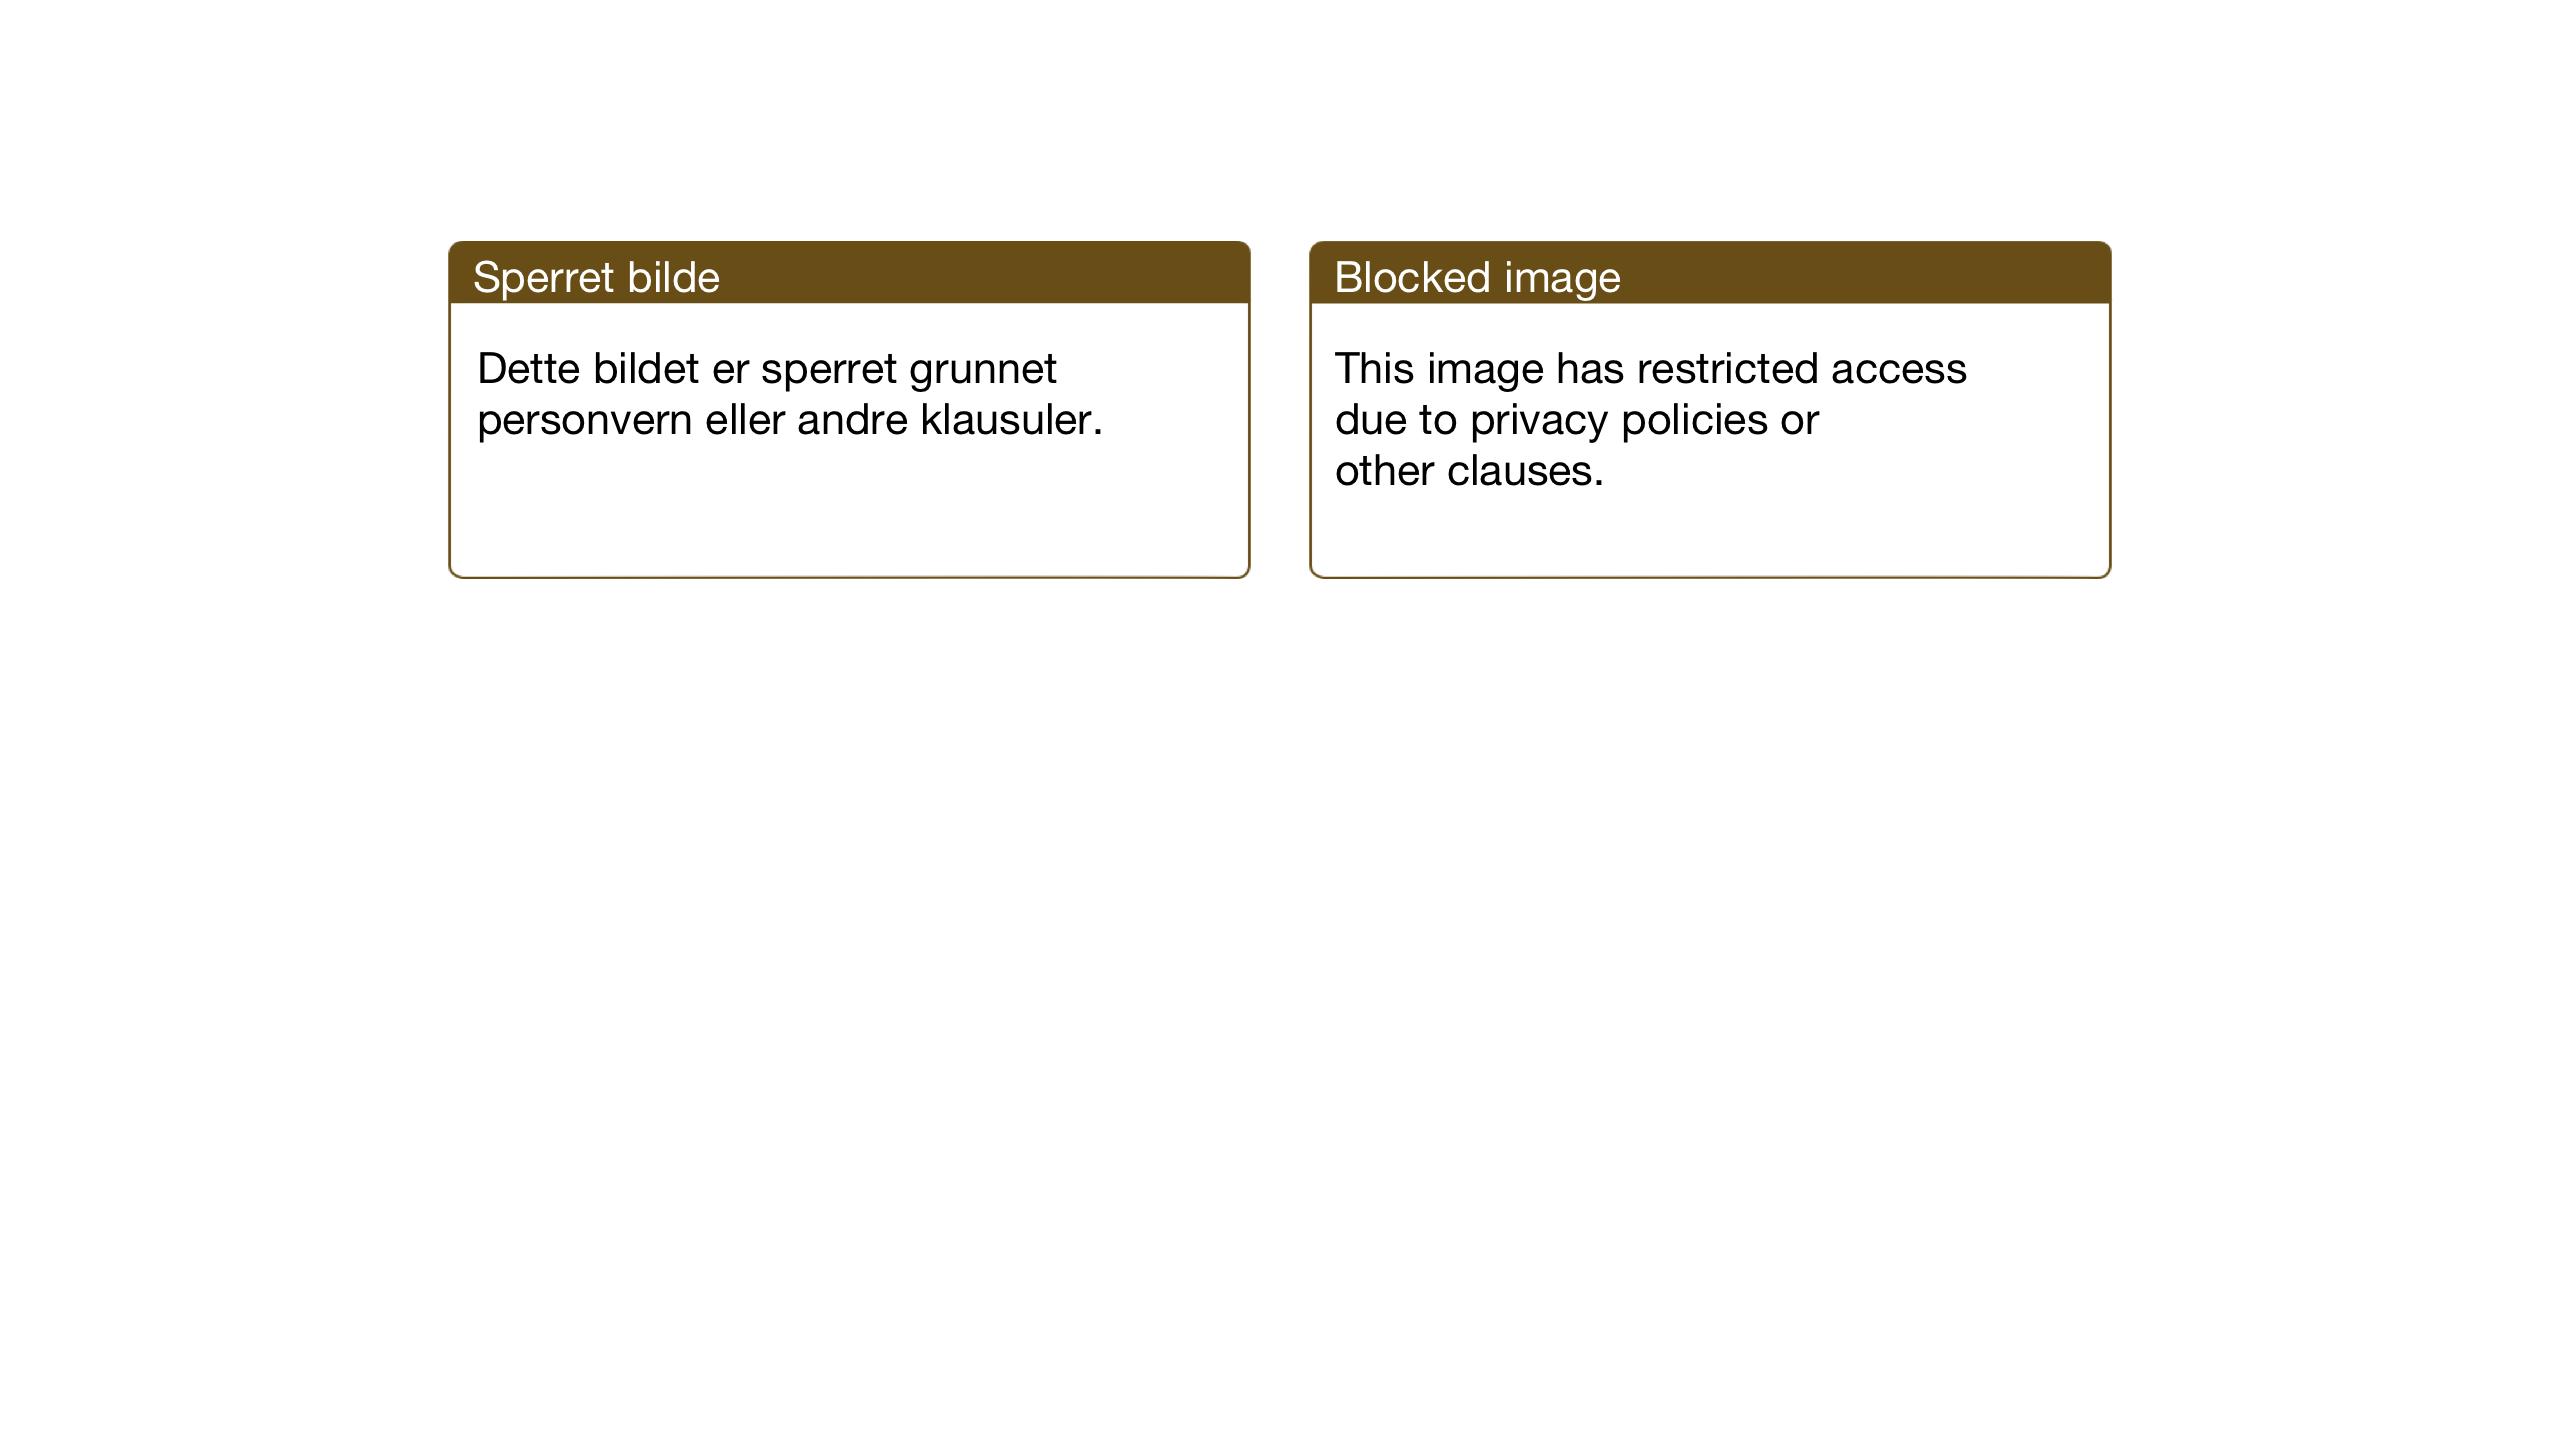 SAT, Ministerialprotokoller, klokkerbøker og fødselsregistre - Nord-Trøndelag, 714/L0136: Klokkerbok nr. 714C05, 1918-1957, s. 236